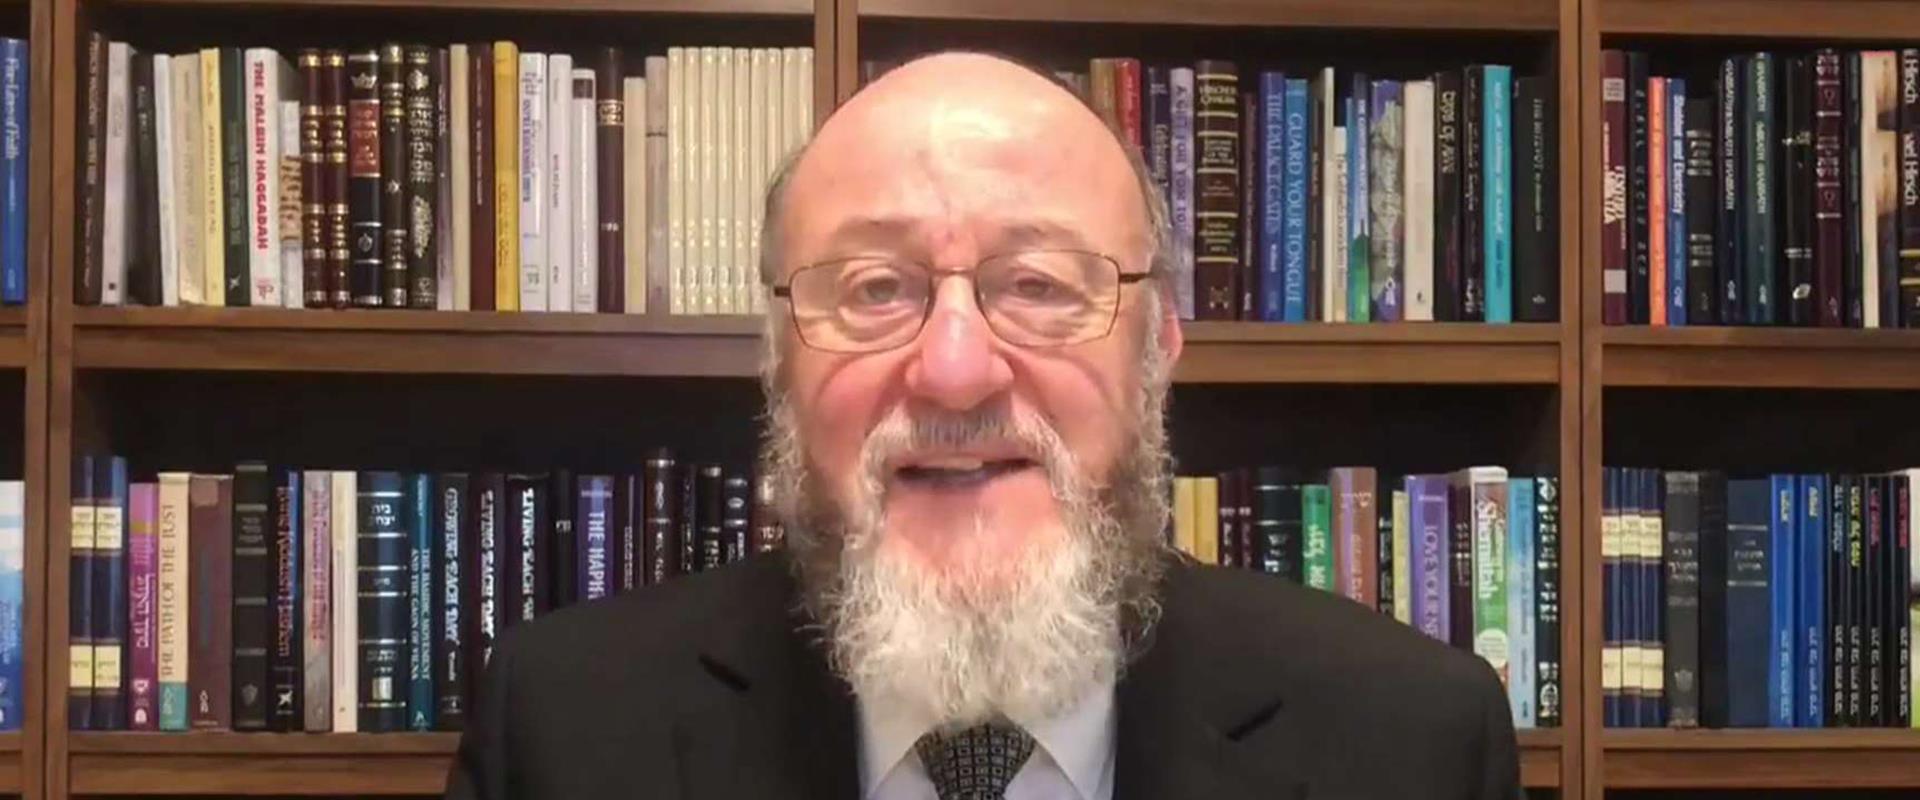 רב בקהילה יהודית בעולם